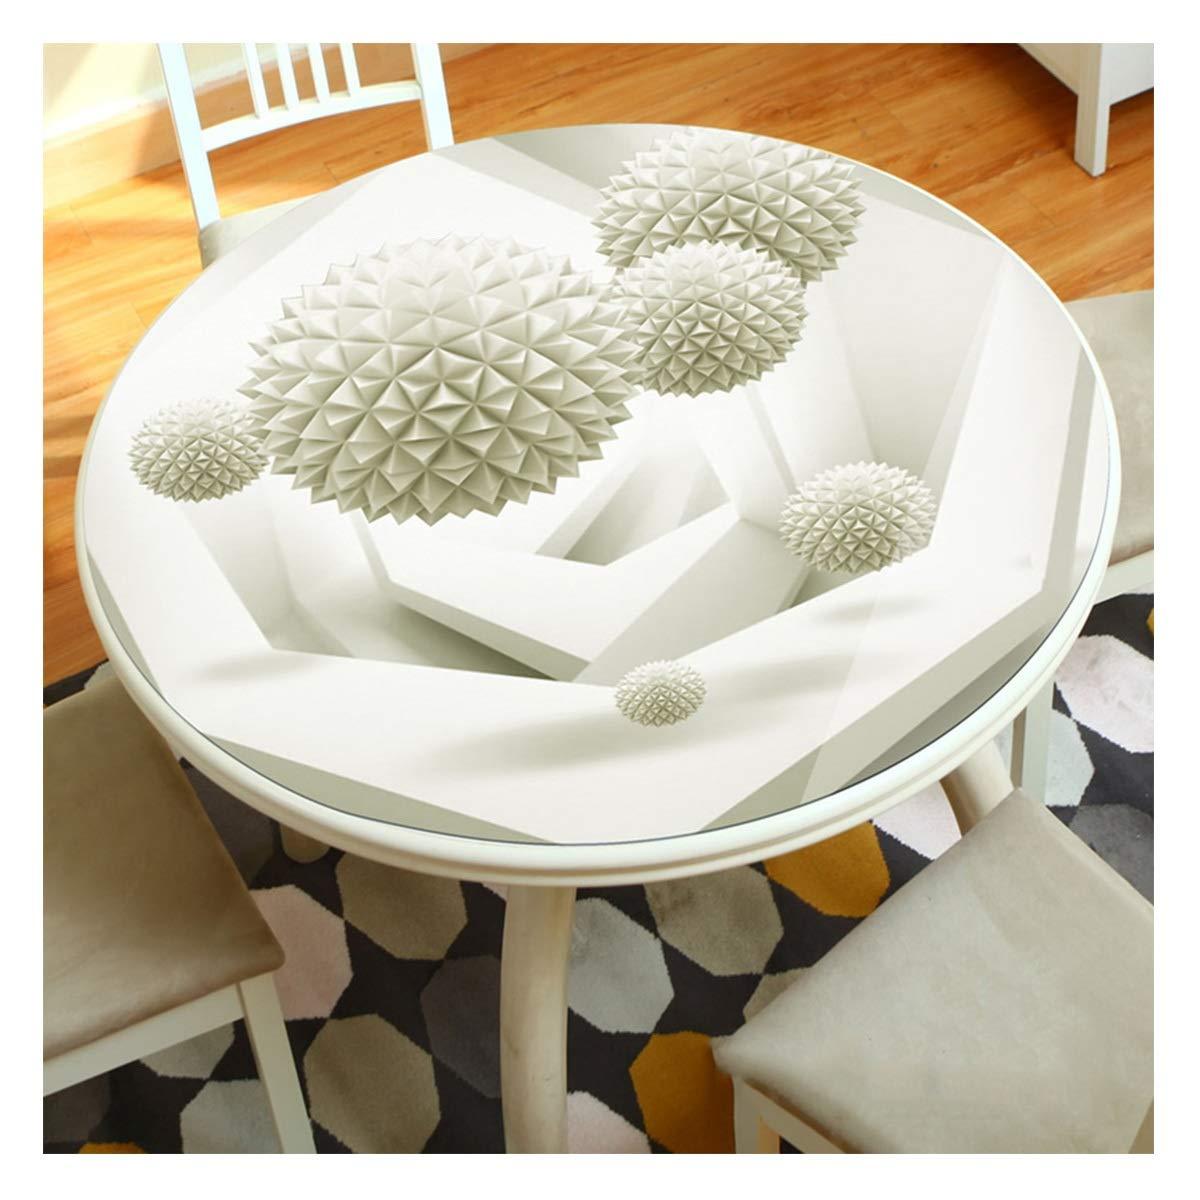 E 110cm LLH Nappe ronde en PVC, grand salon de la maison 3D résistant à l'huile anti-brûlure grande nappe ronde impression de tissu de table basse en plastique ZHUOB (Couleur   D, taille   110cm)